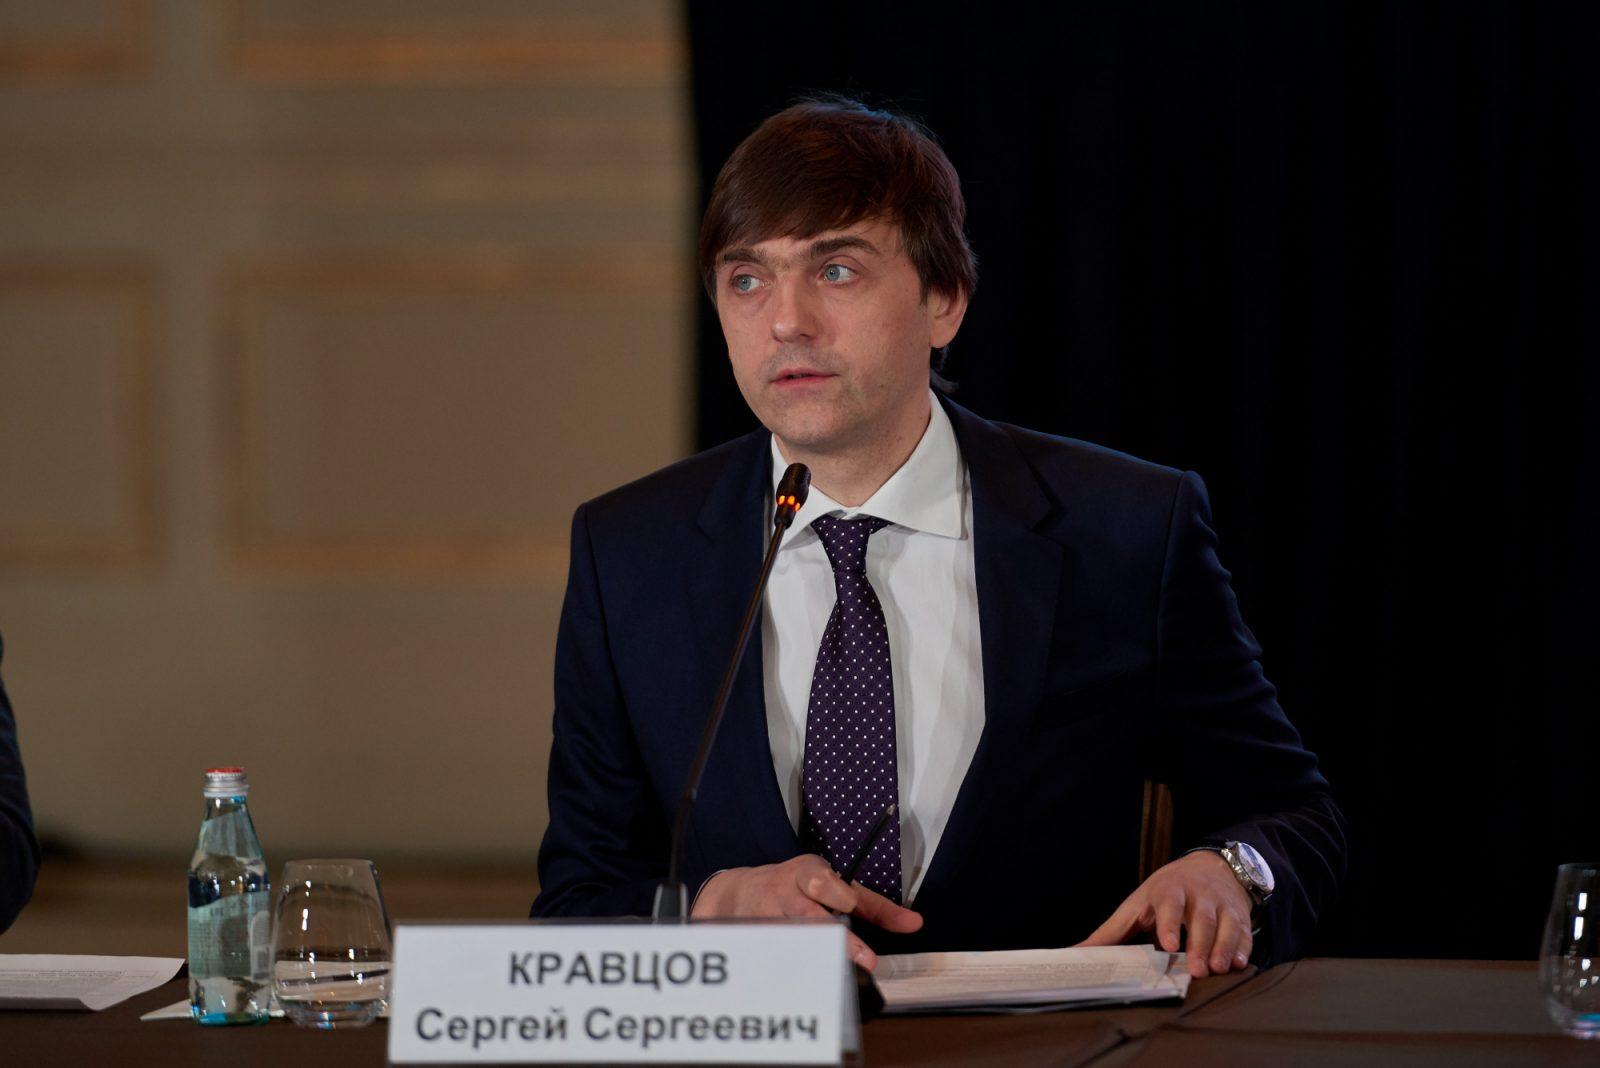 https://gazeta-pedagogov.ru/sergej-kravtsov-…nno-novyj-uroven/